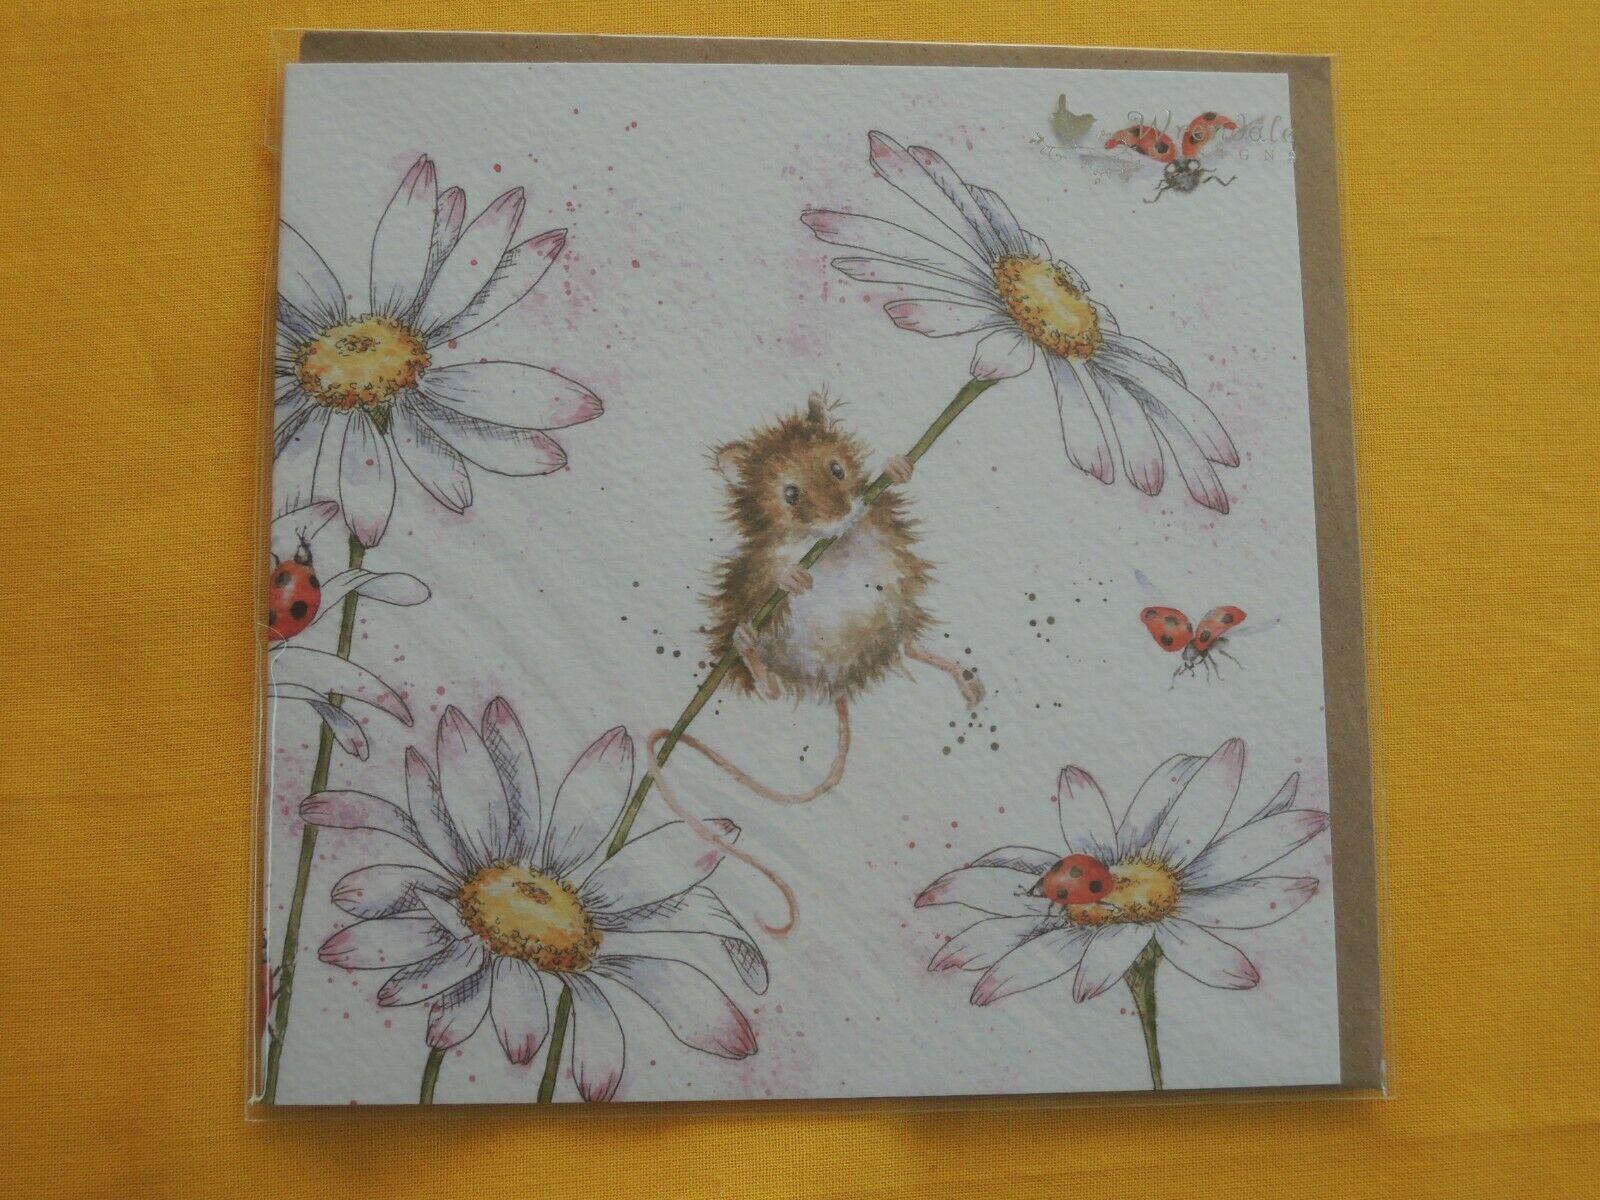 1 x ratón plegable tarjetas de sobres wrendale Designs tarjetas de felicitación margaritas marienkä